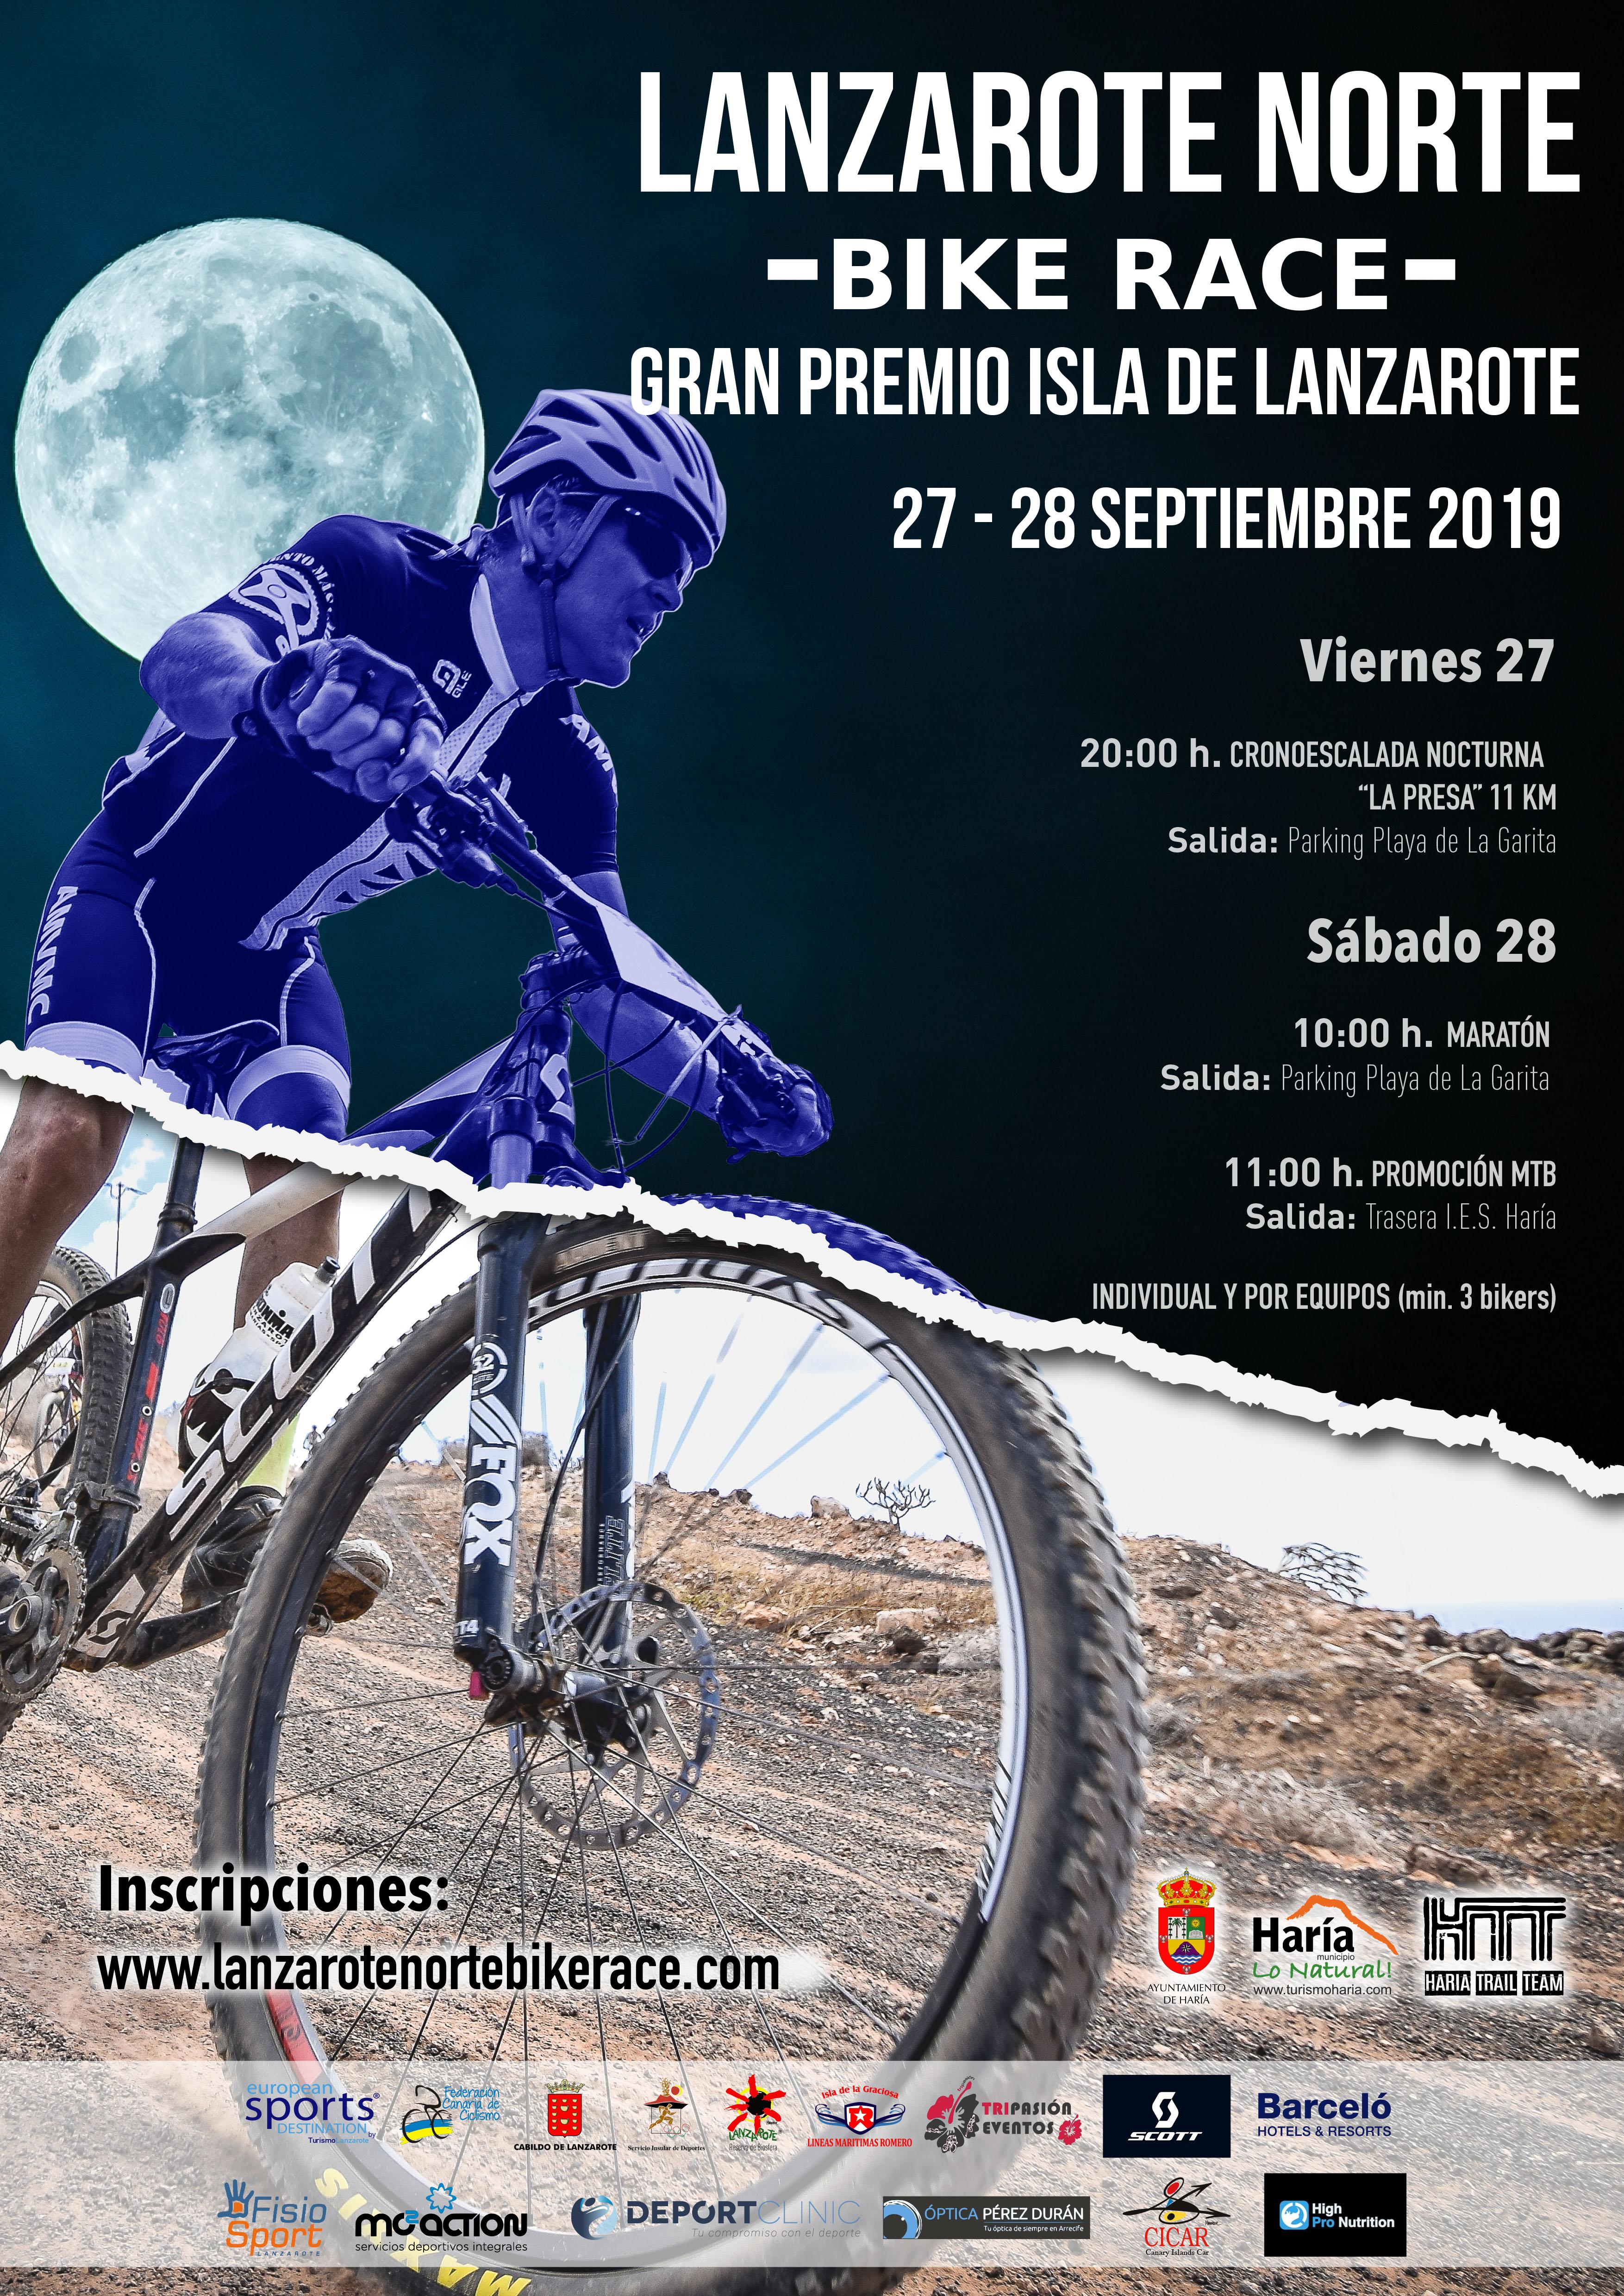 Se abre el plazo de inscripciones para la 'Lanzarote Norte Bike Race' Gran Premio MTB Isla de Lanzarote 2019